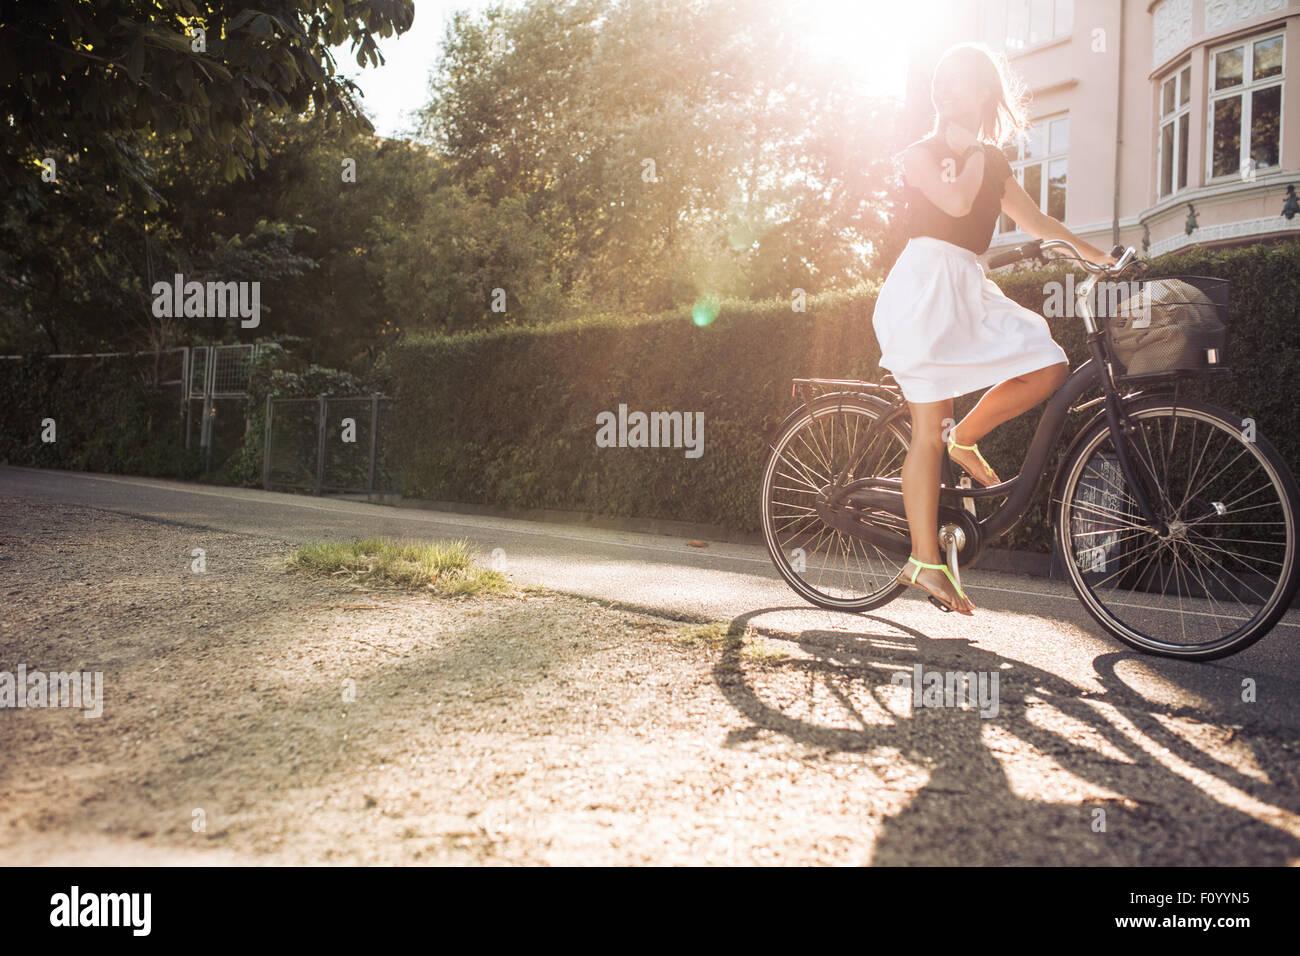 Colpo all'aperto di una giovane donna di ciclismo su strada. Femmina Bicicletta Equitazione con sun flare. Immagini Stock